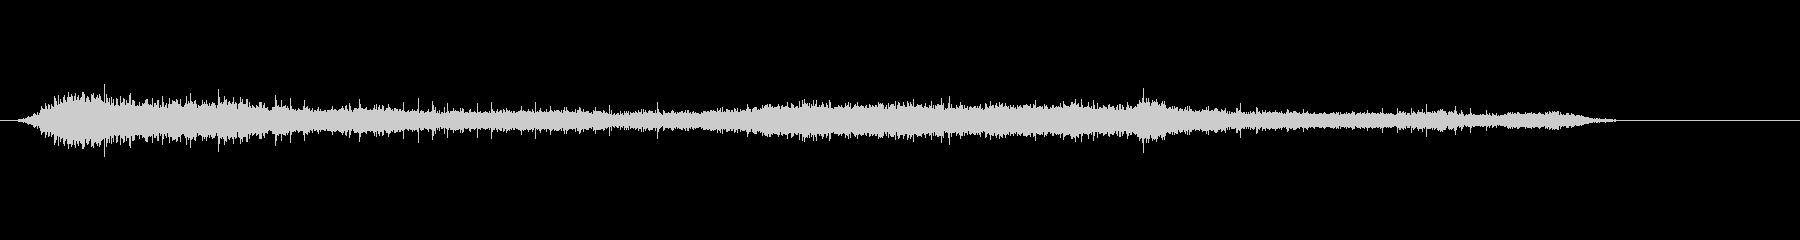 拍手5の未再生の波形